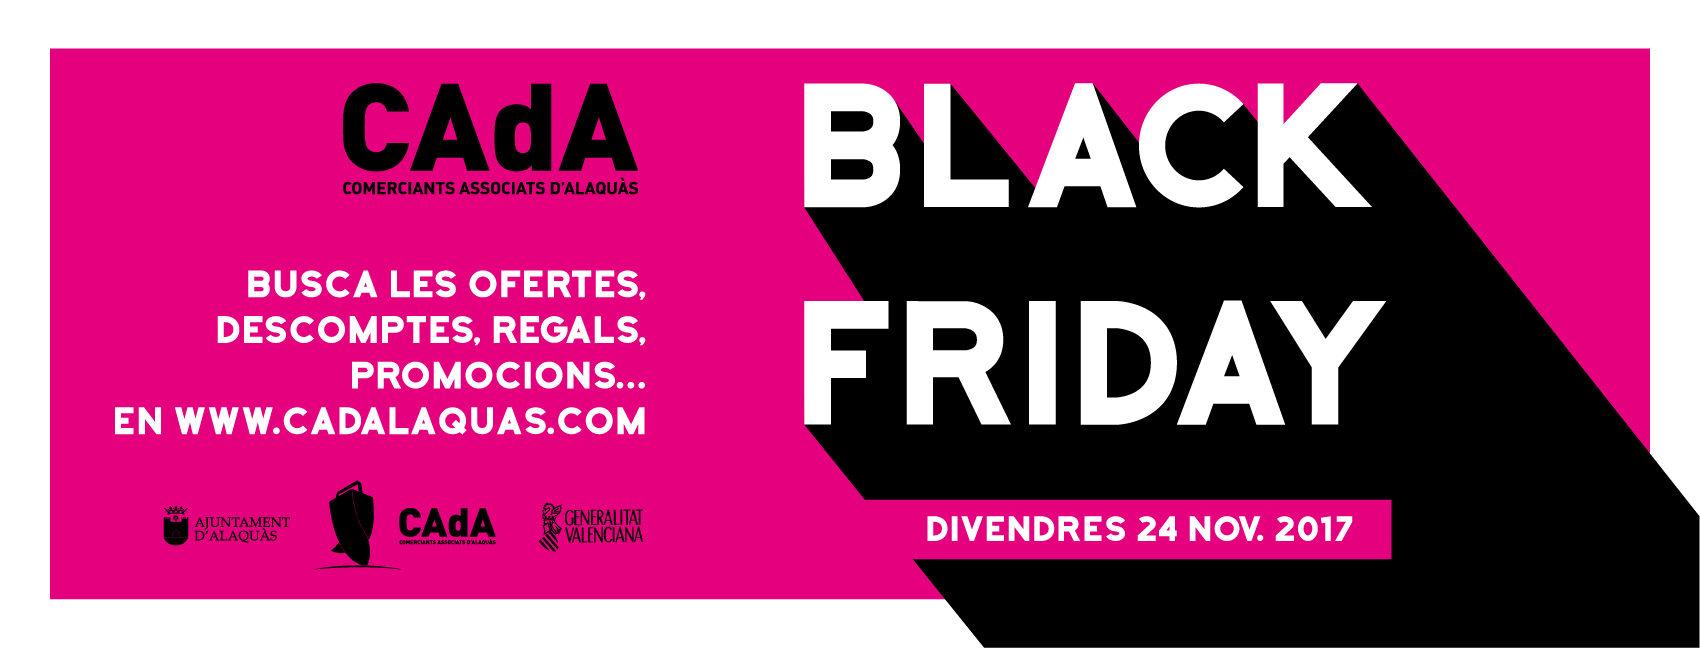 black friday ofertas CAdA alaquas descuentos compra